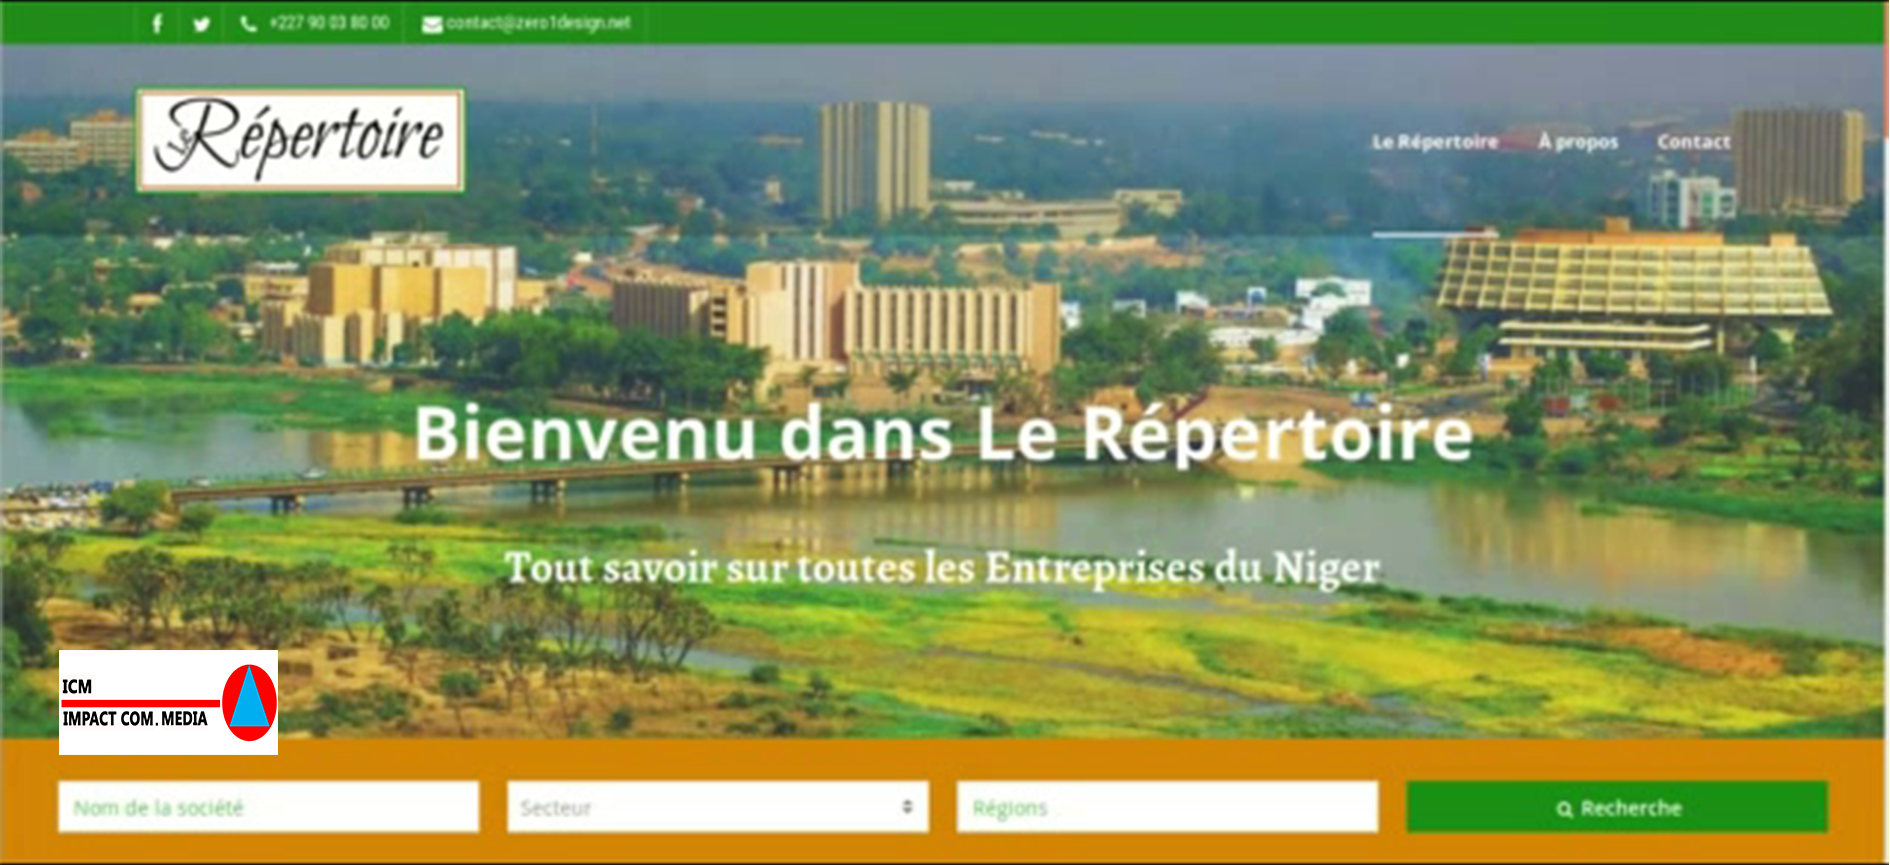 Les entreprises Nigériennes ont désormais leur répertoire en ligne